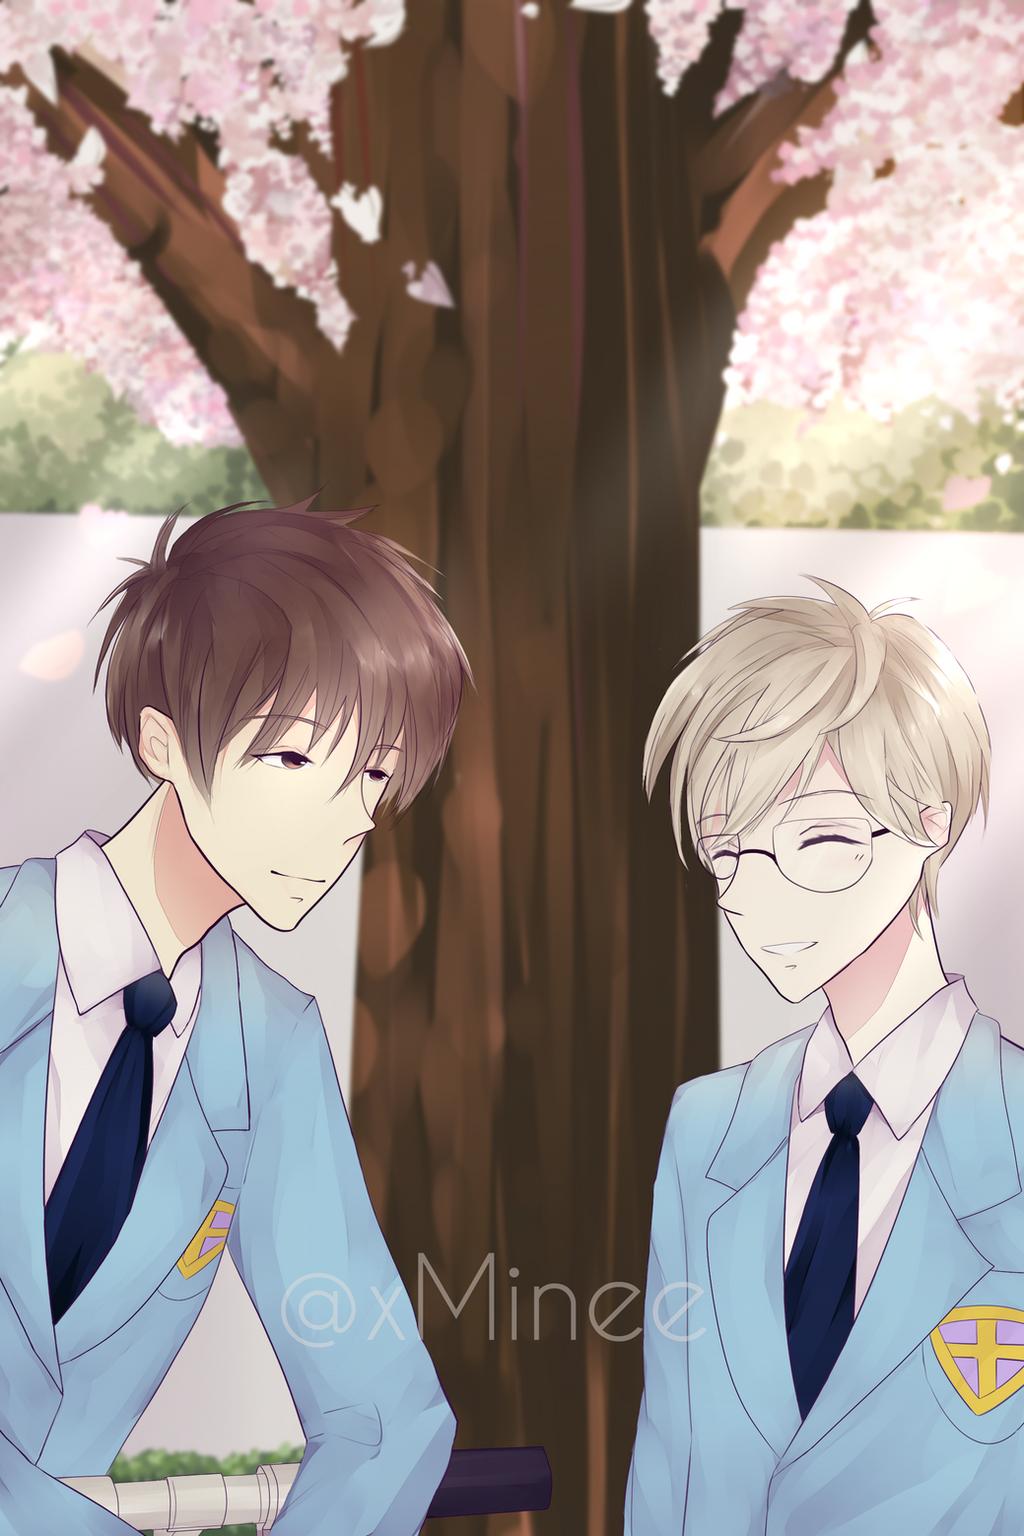 touya and yukito relationship